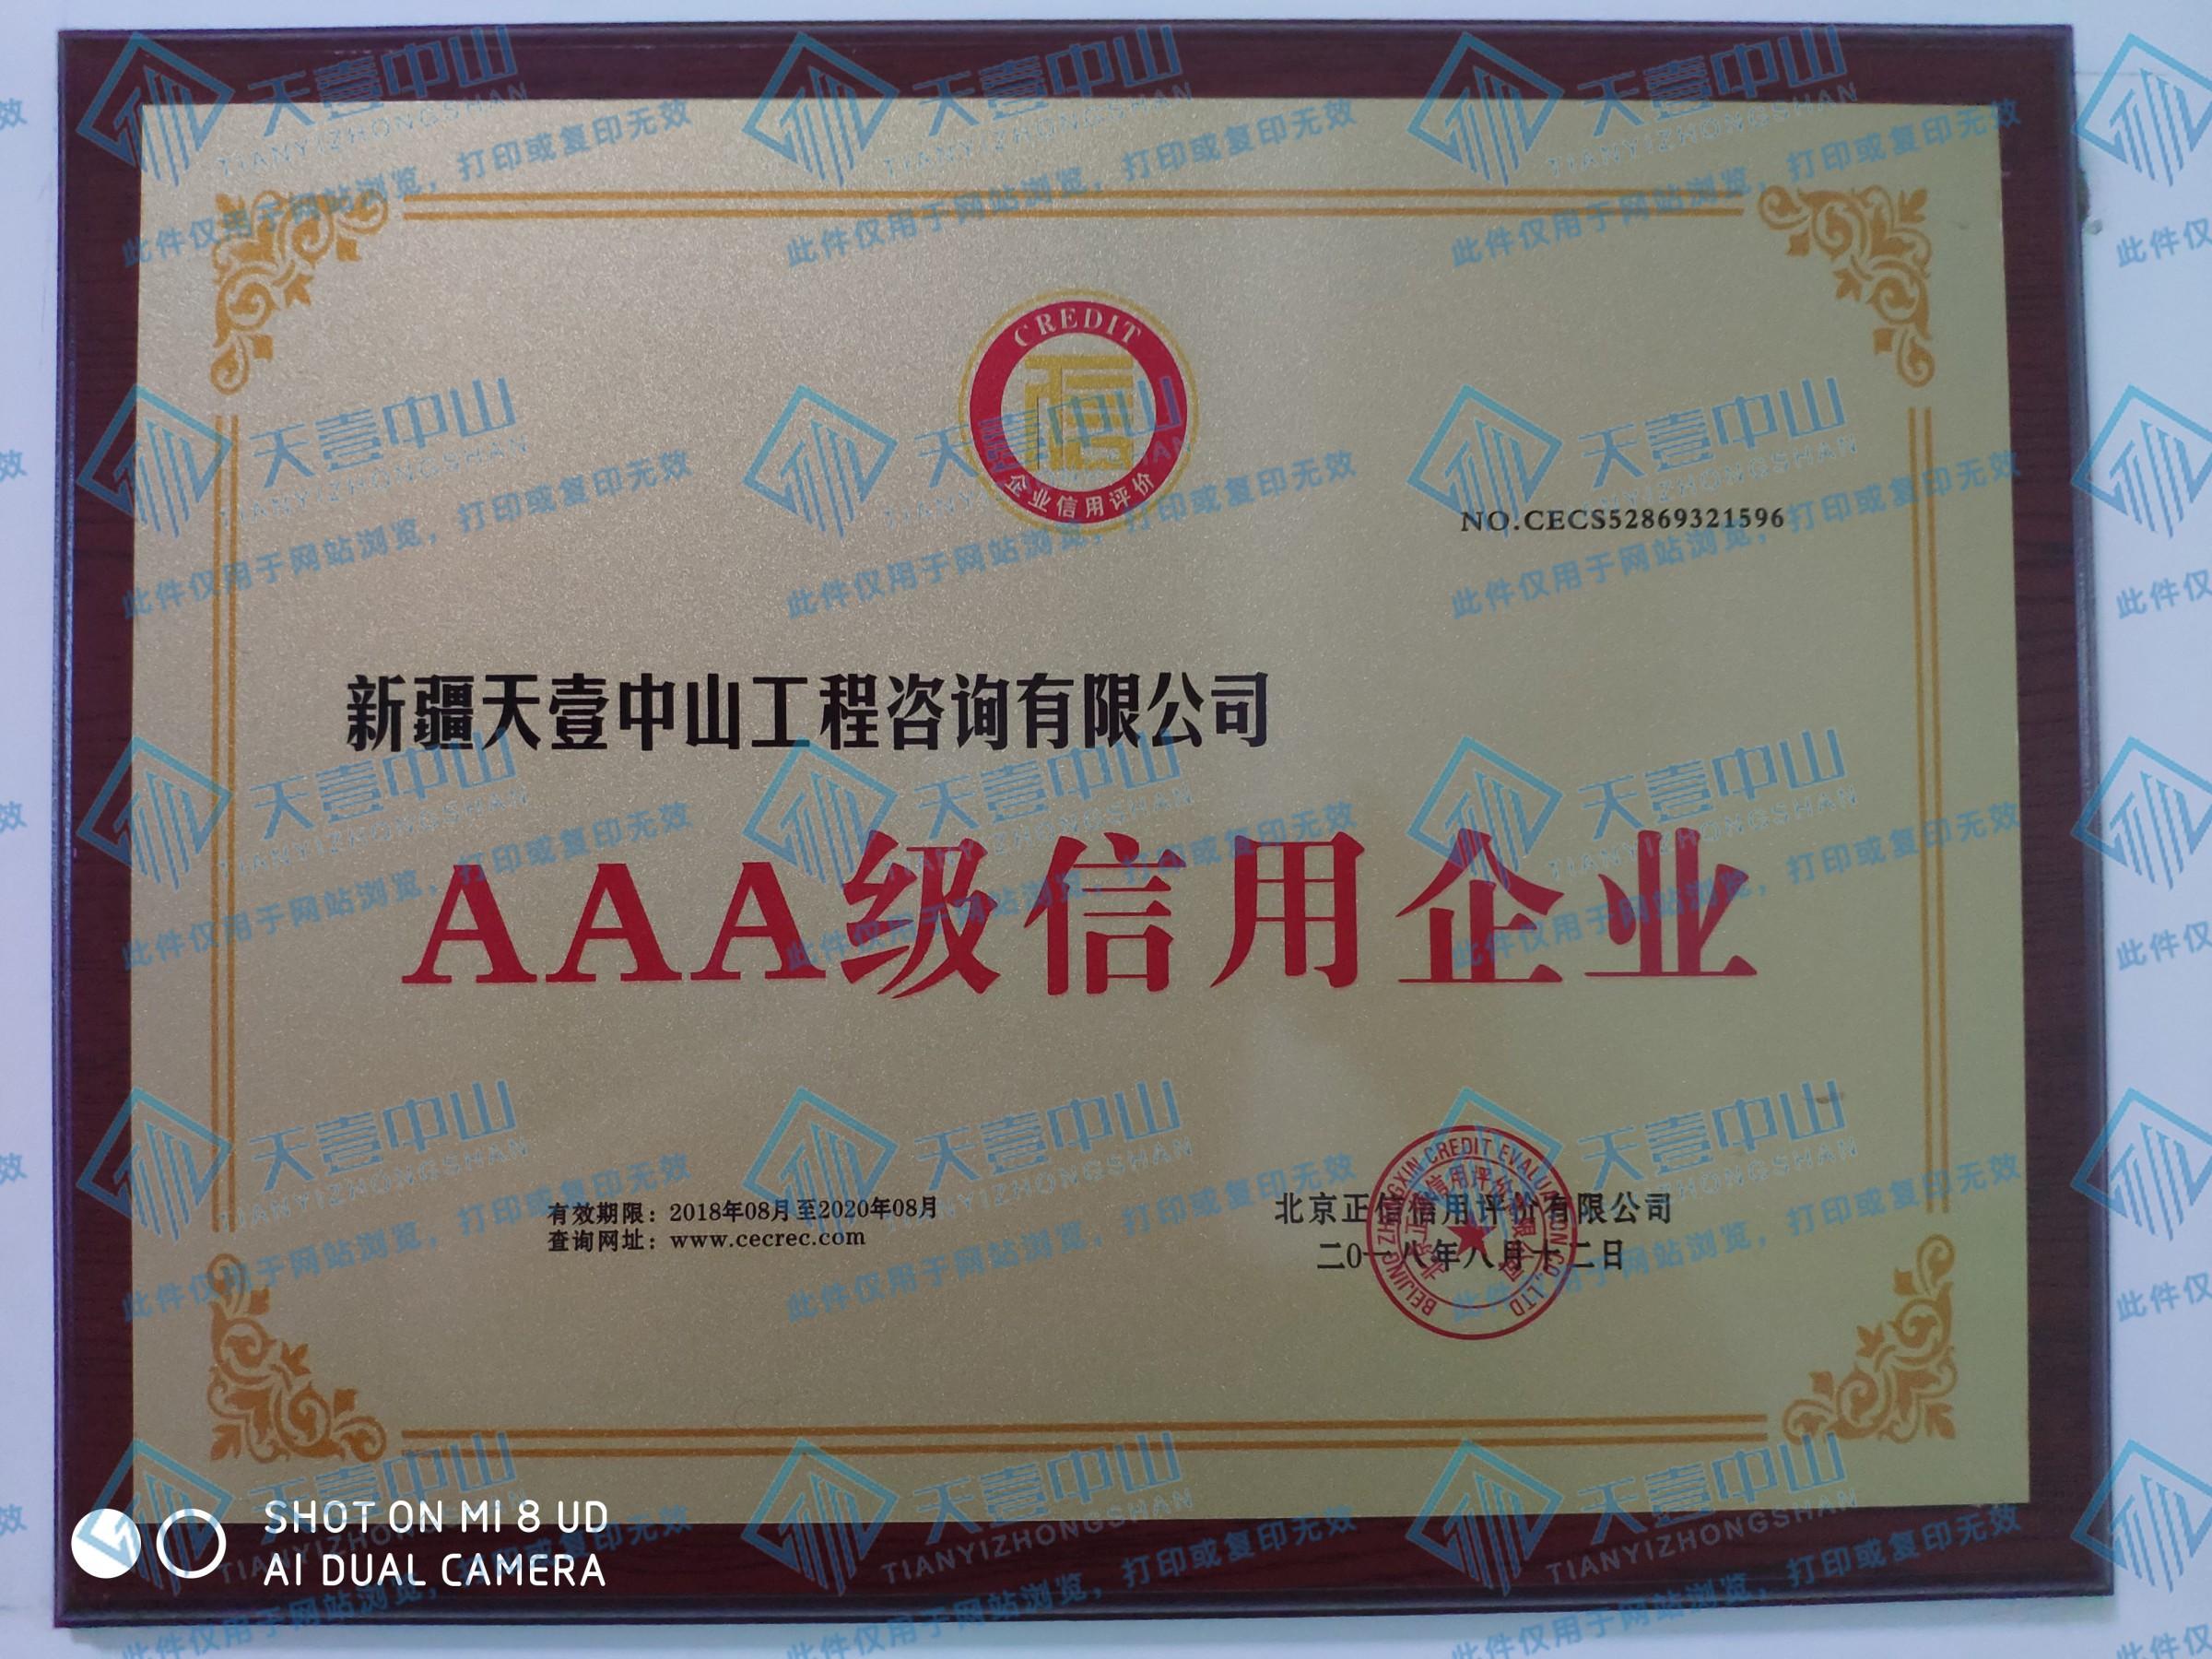 企业AAA级信用企业牌匾